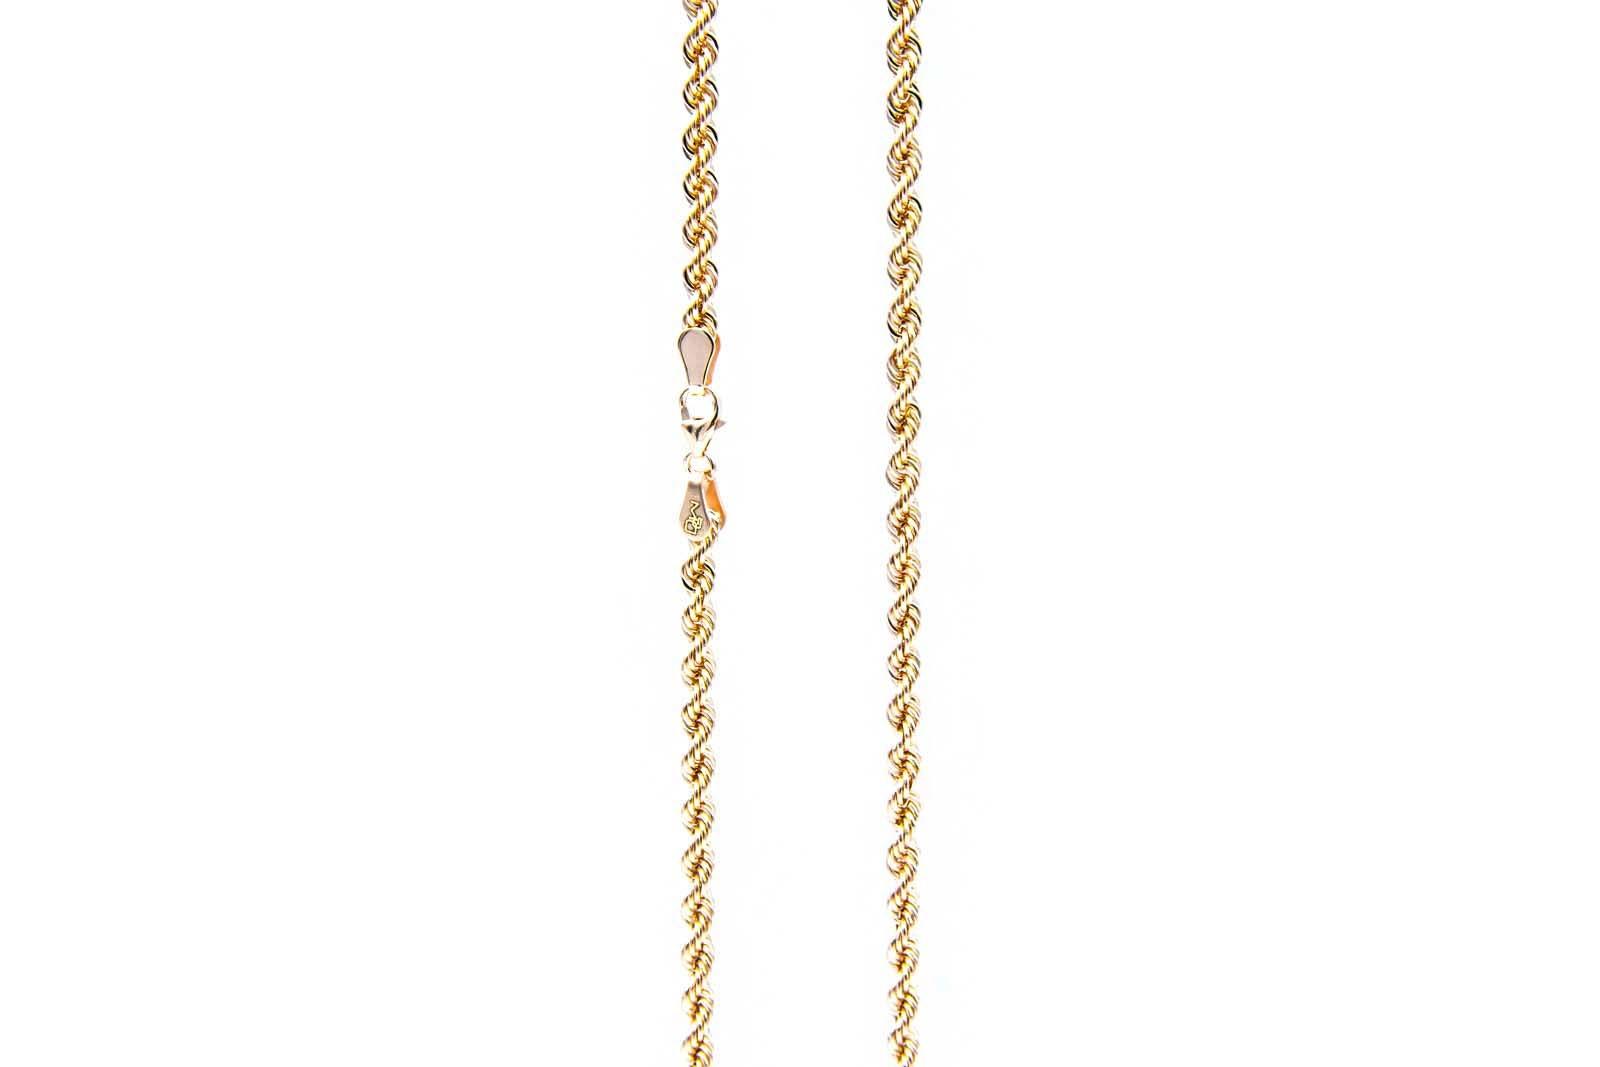 Rope chain roségoud 14kt 3mm-5